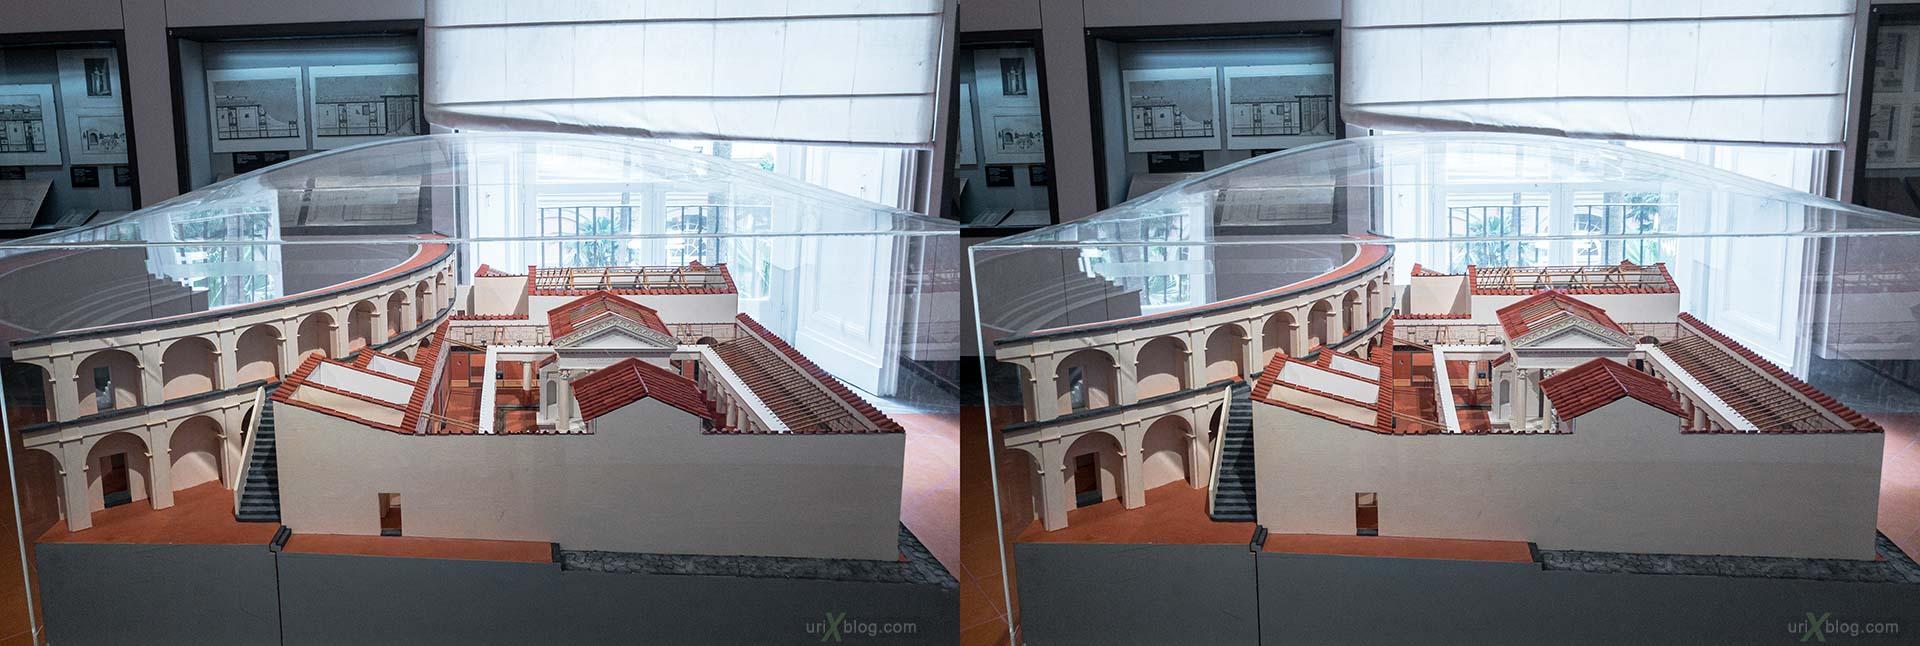 макет, Tempio di Iside, Teatro Grande, Национальный археологический музей Неаполя, Древний Рим, Помпеи, выставка, Неаполь, Италия, 3D, перекрёстная стереопара, стерео, стереопара